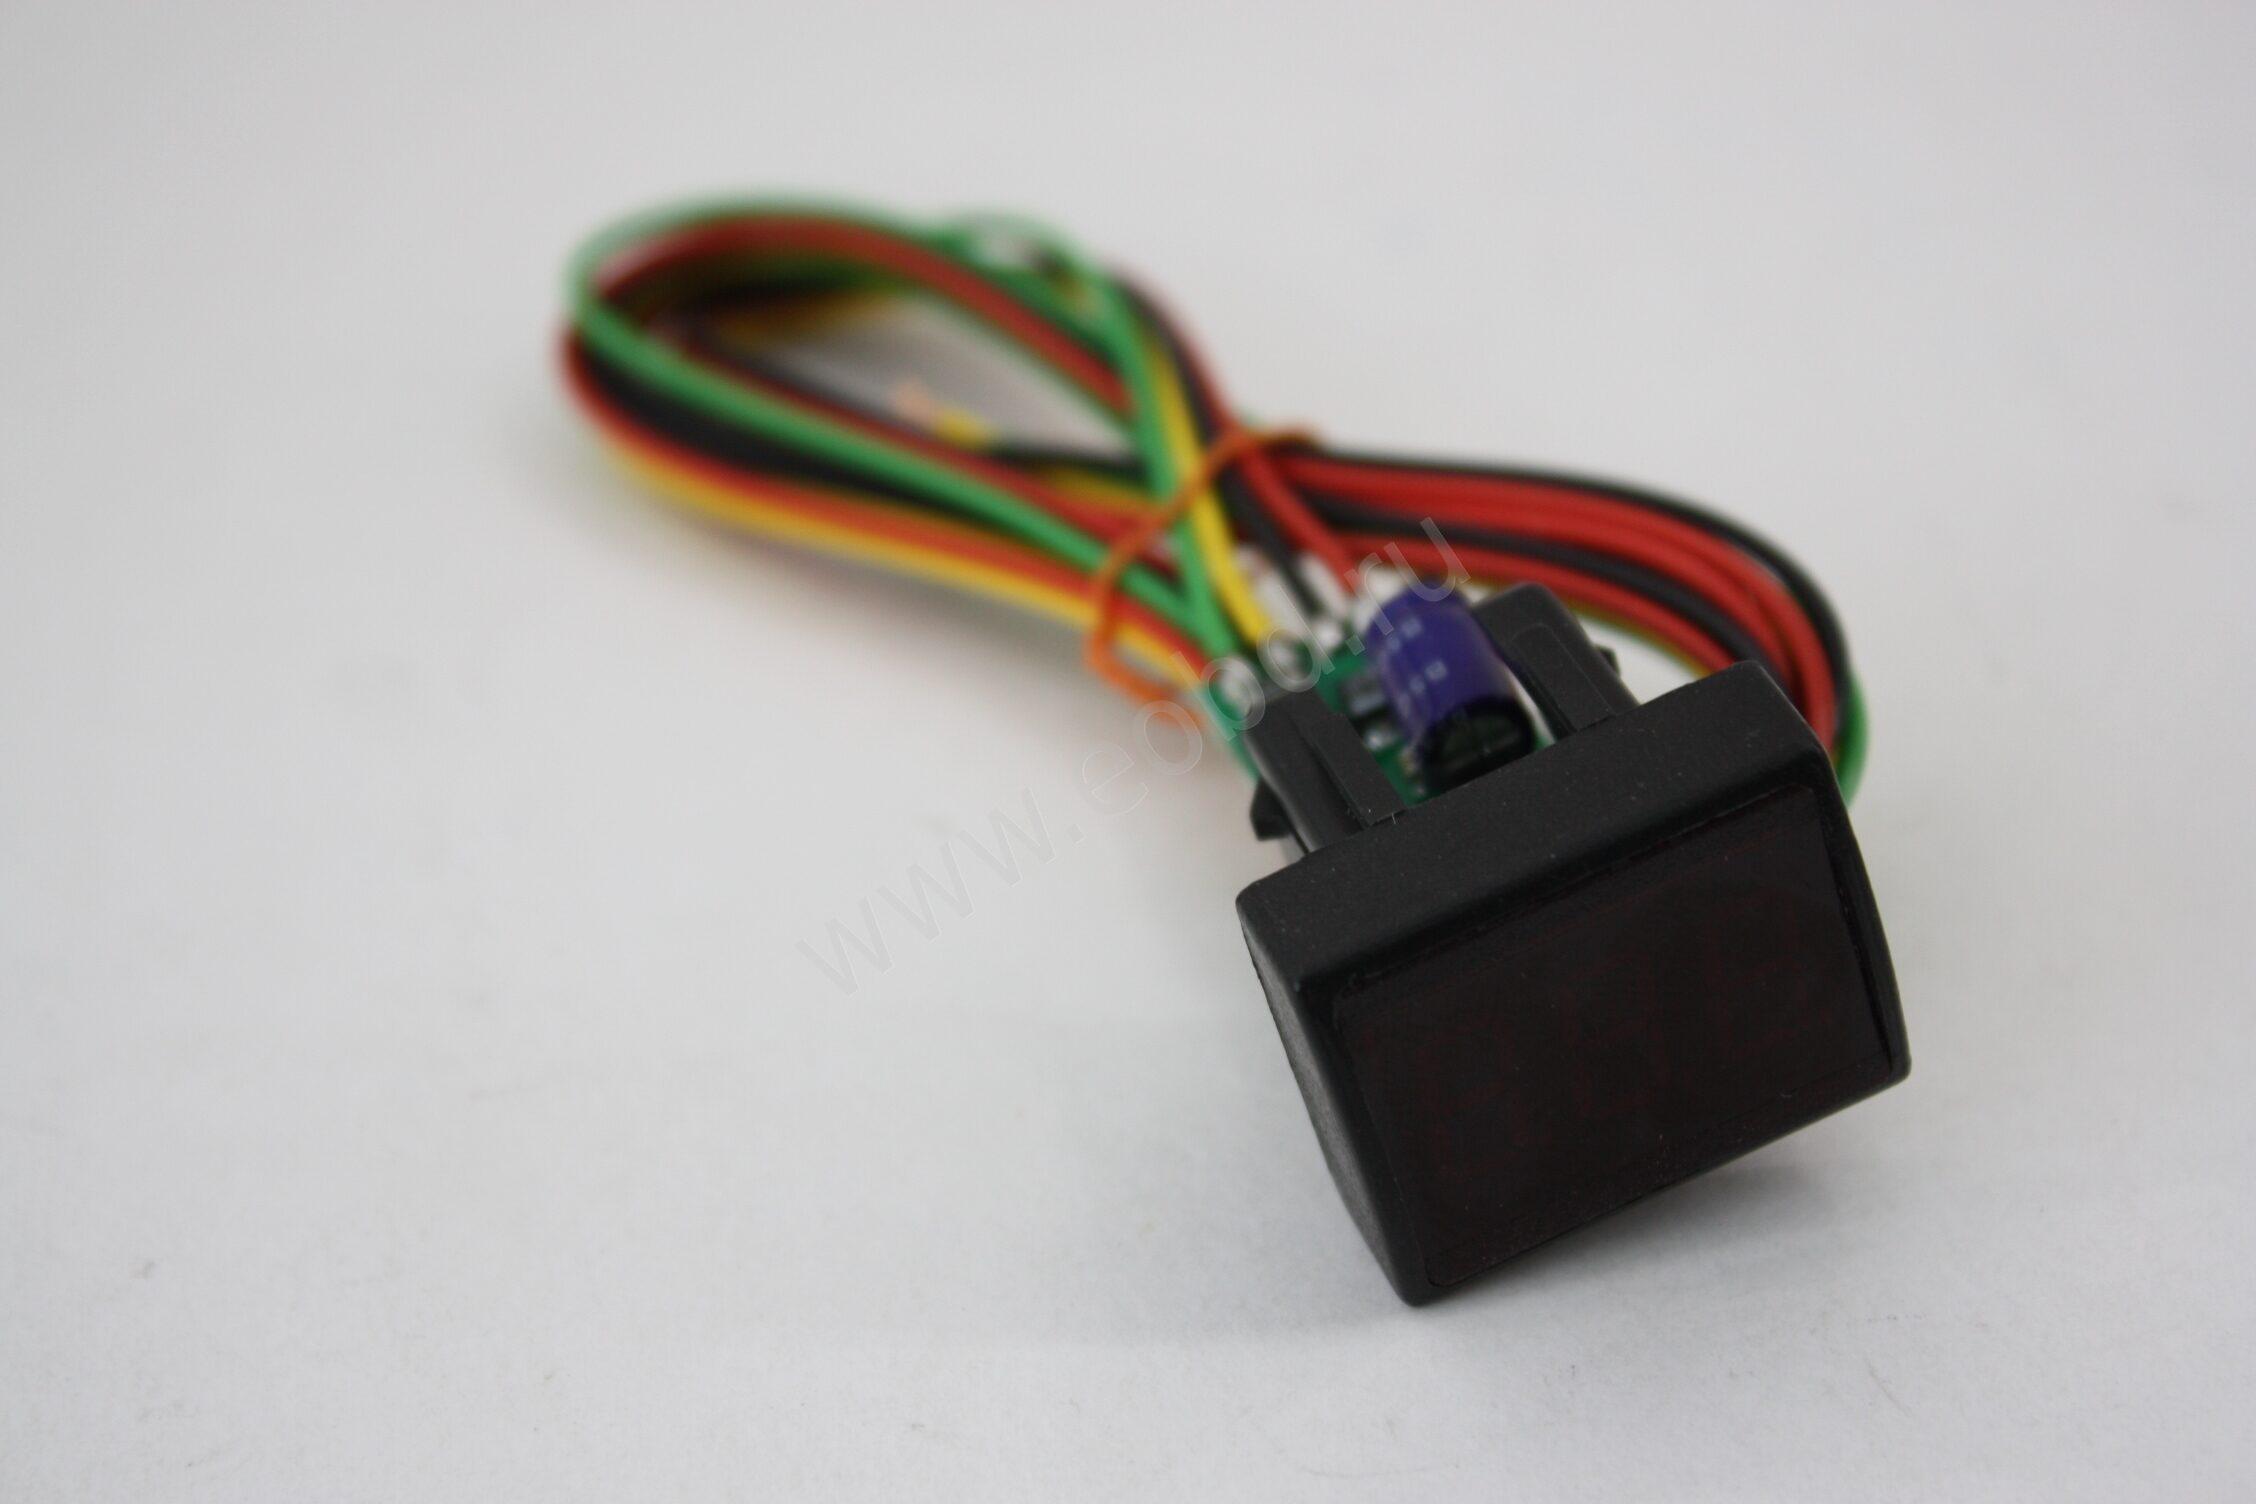 eobd.ru/d/246657/d/USB_%D0%9F%D0%9E_-5_(5).JPG.jpg